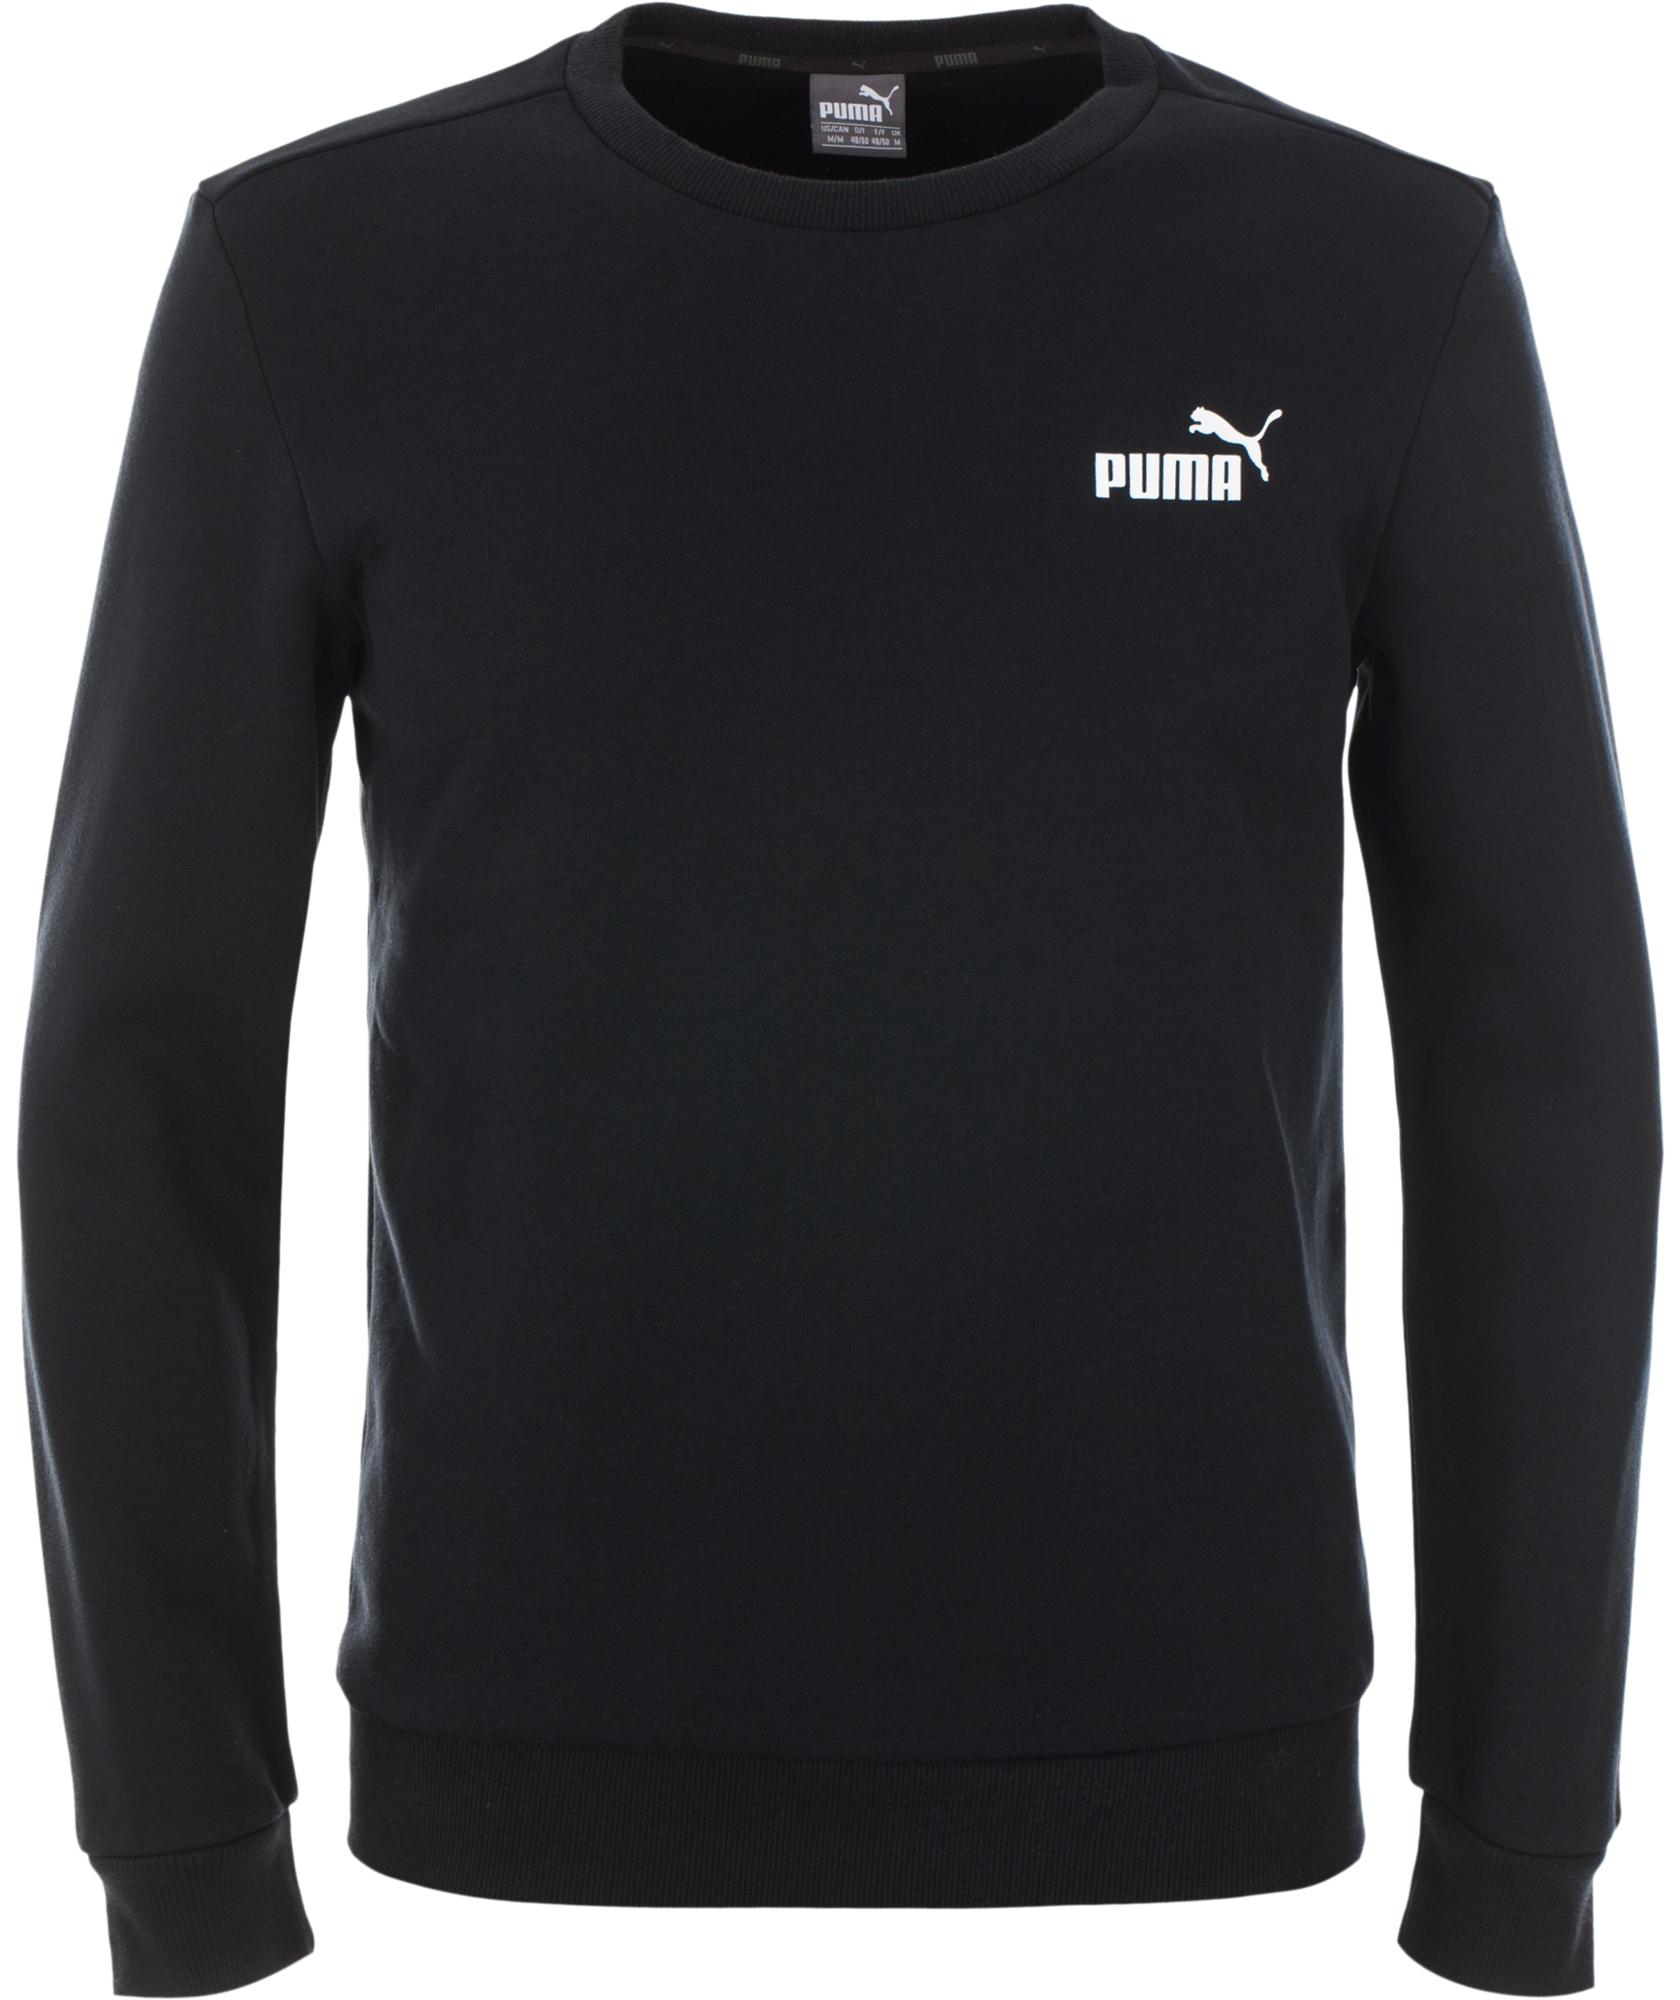 Puma Джемпер мужской Puma Ess Logo Crew, размер 52-54 стоимость